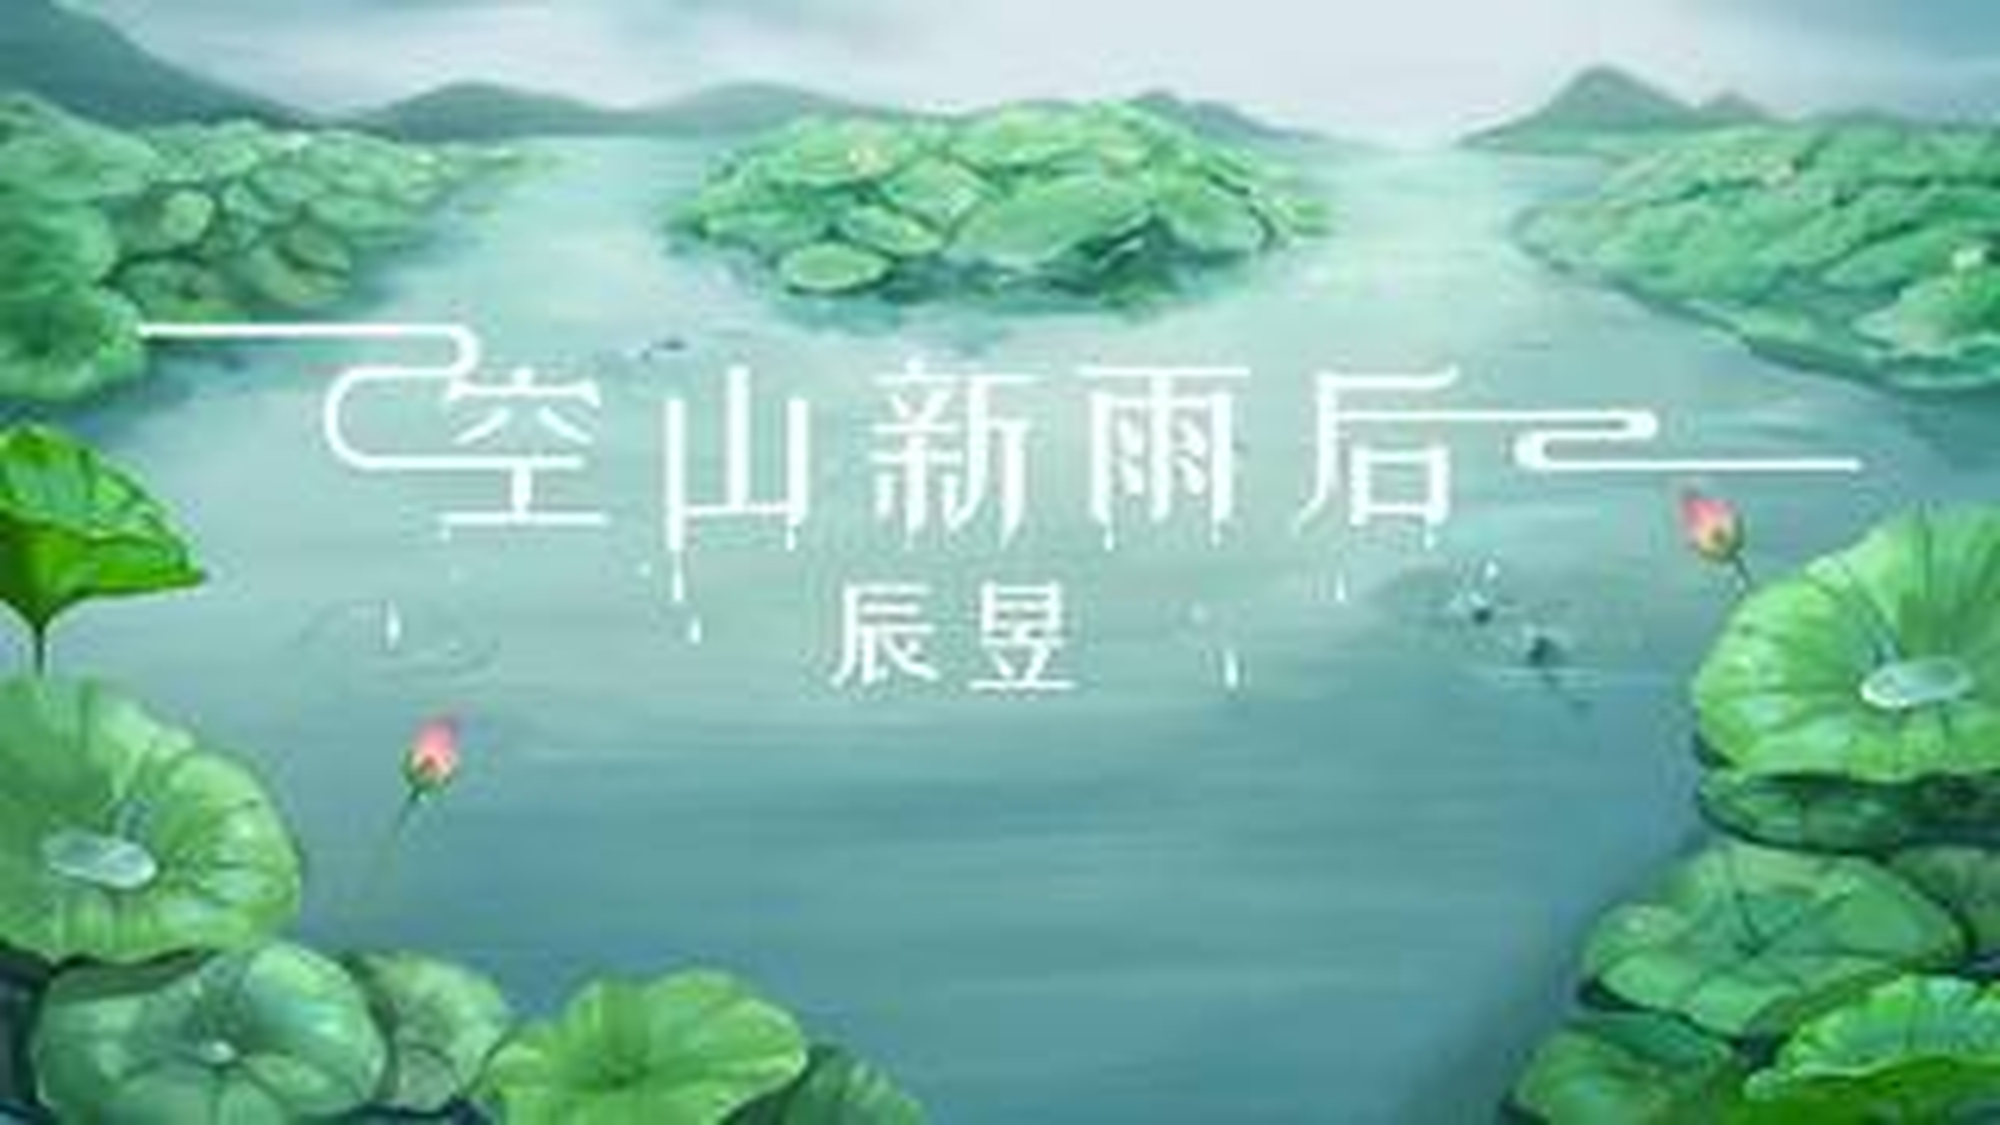 【空山新雨后】Acfun13周年快乐,雨后仰望天空,即使没有彩虹,也会是睛空。